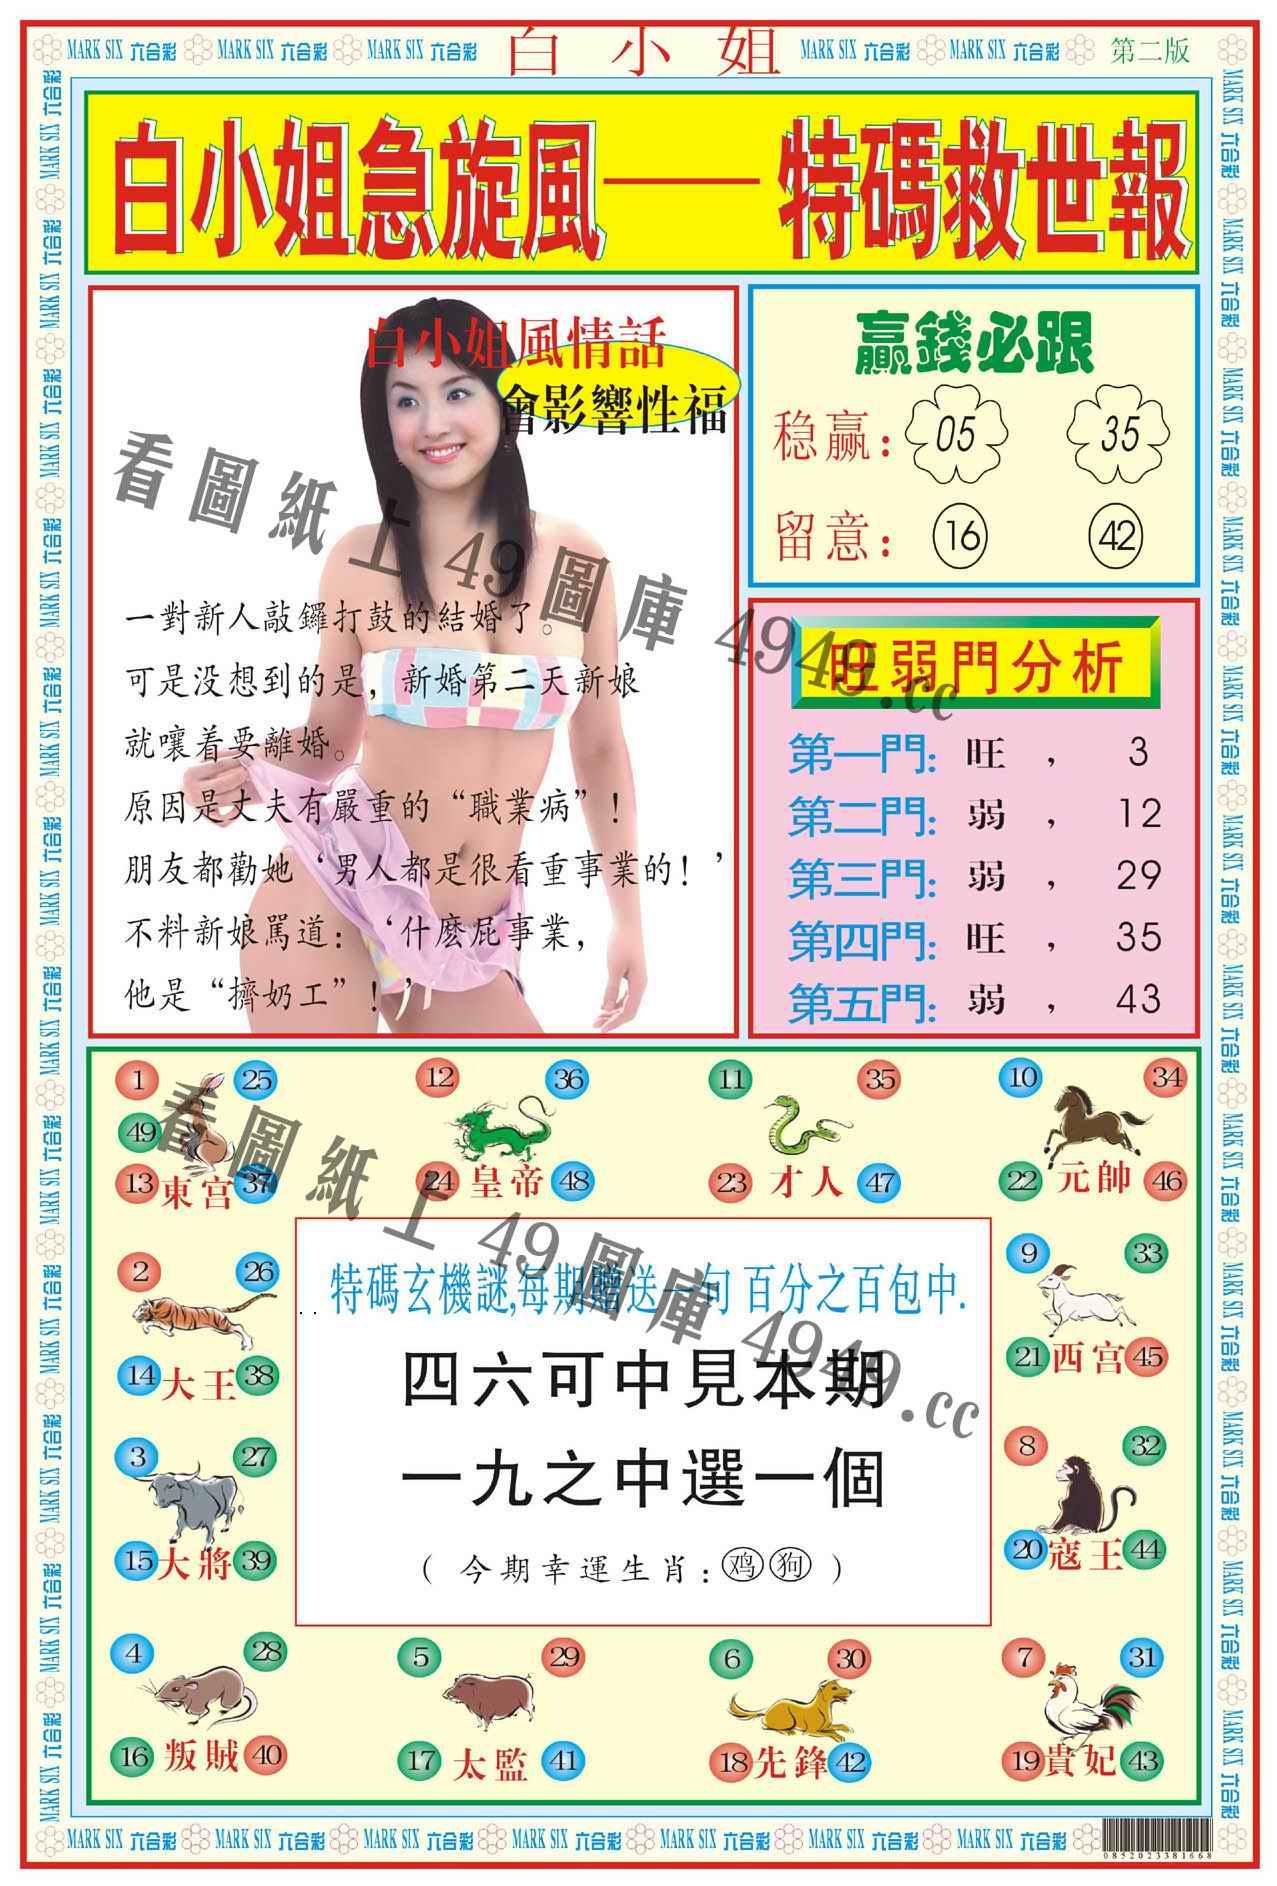 069期白小姐急旋风B